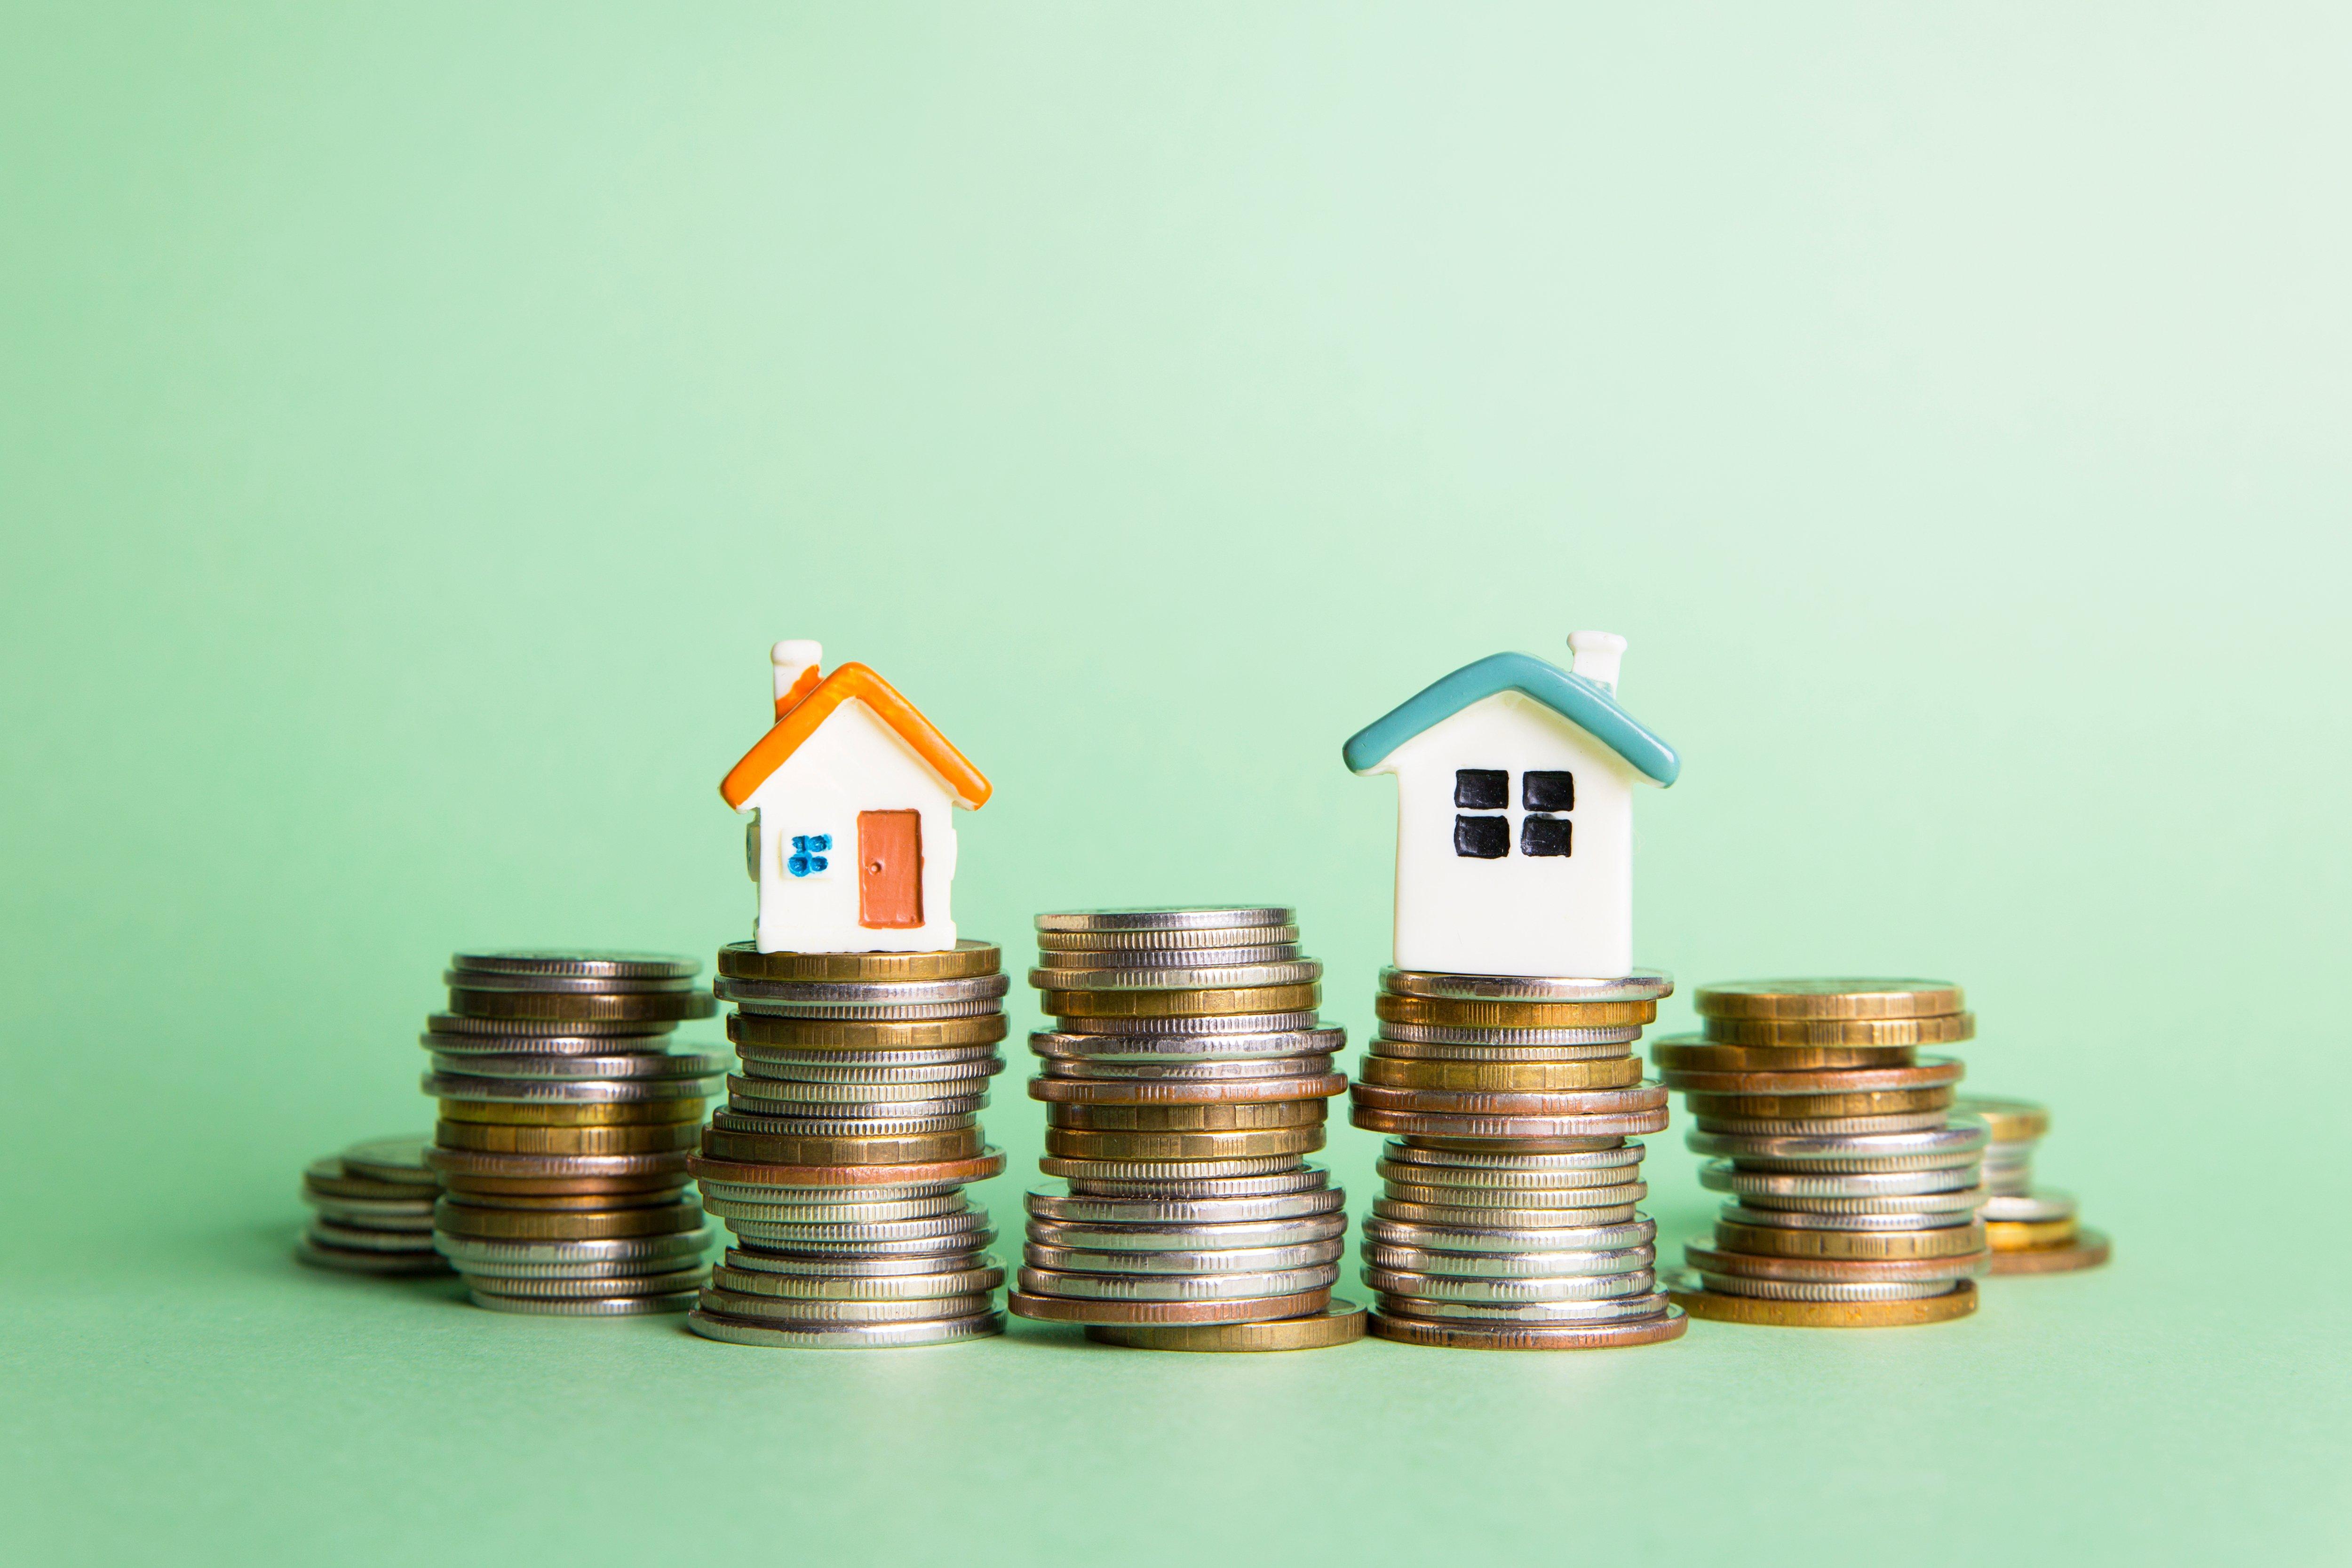 60歳の住宅ローン残高はいくら?定年後もローンが残る家庭の老後資金